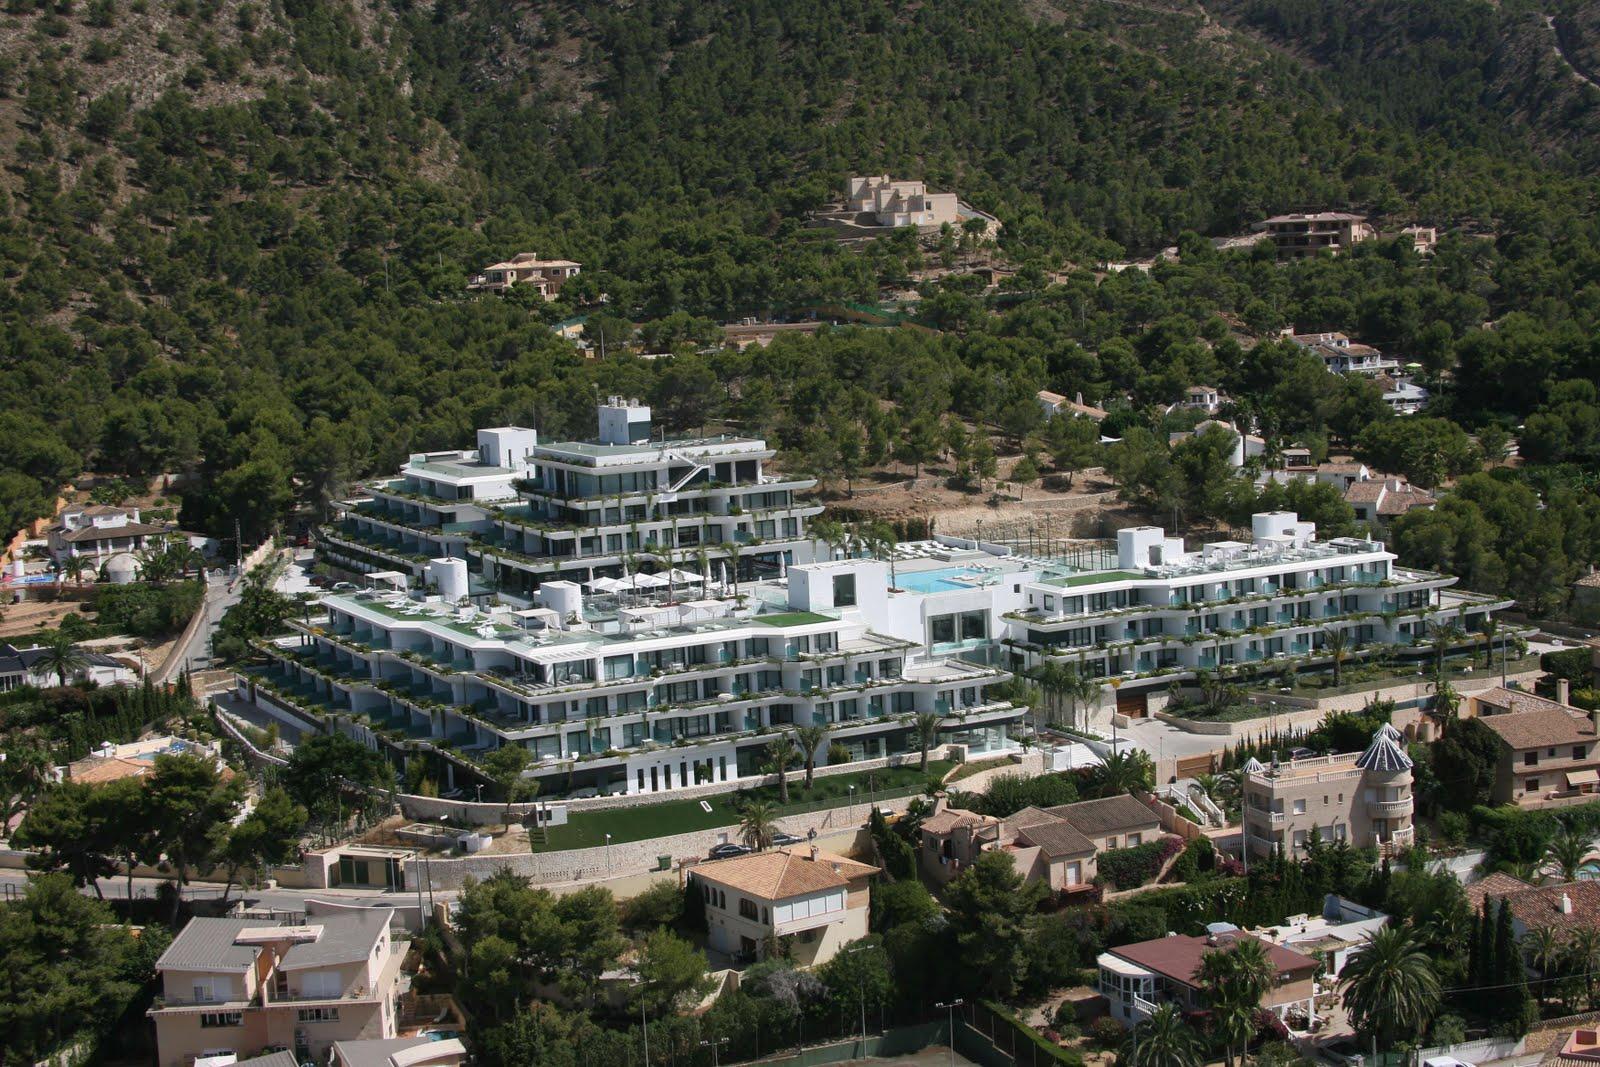 Cr ticas de hoteles sha wellness clinic - Sha wellness spa ...